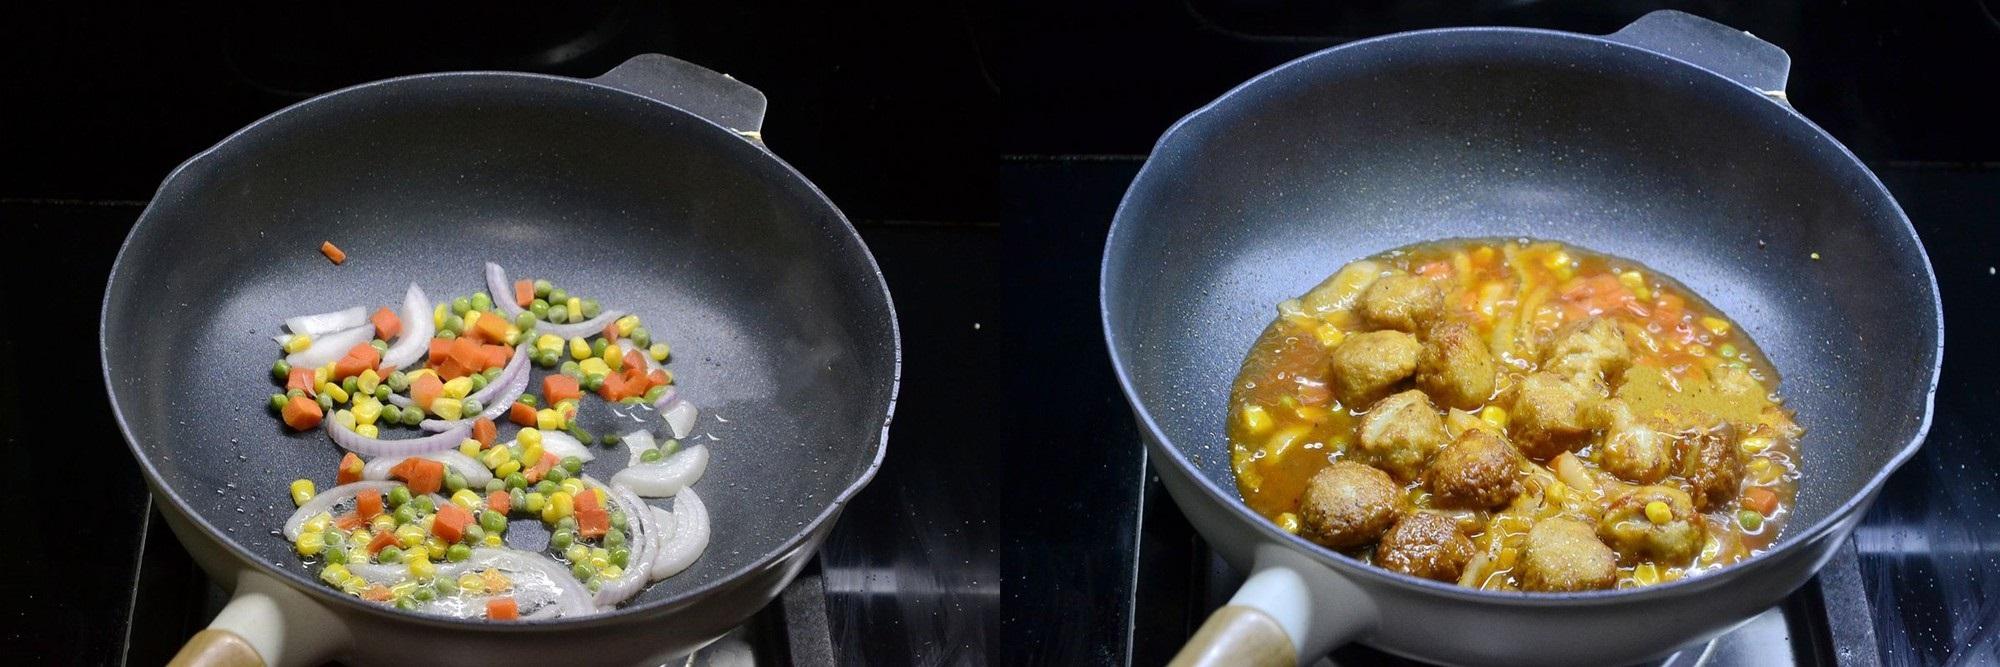 Cả nhà ngon cơm với món gà viên xốt rau củ lạ đậm đà lạ miệng - Ảnh 4